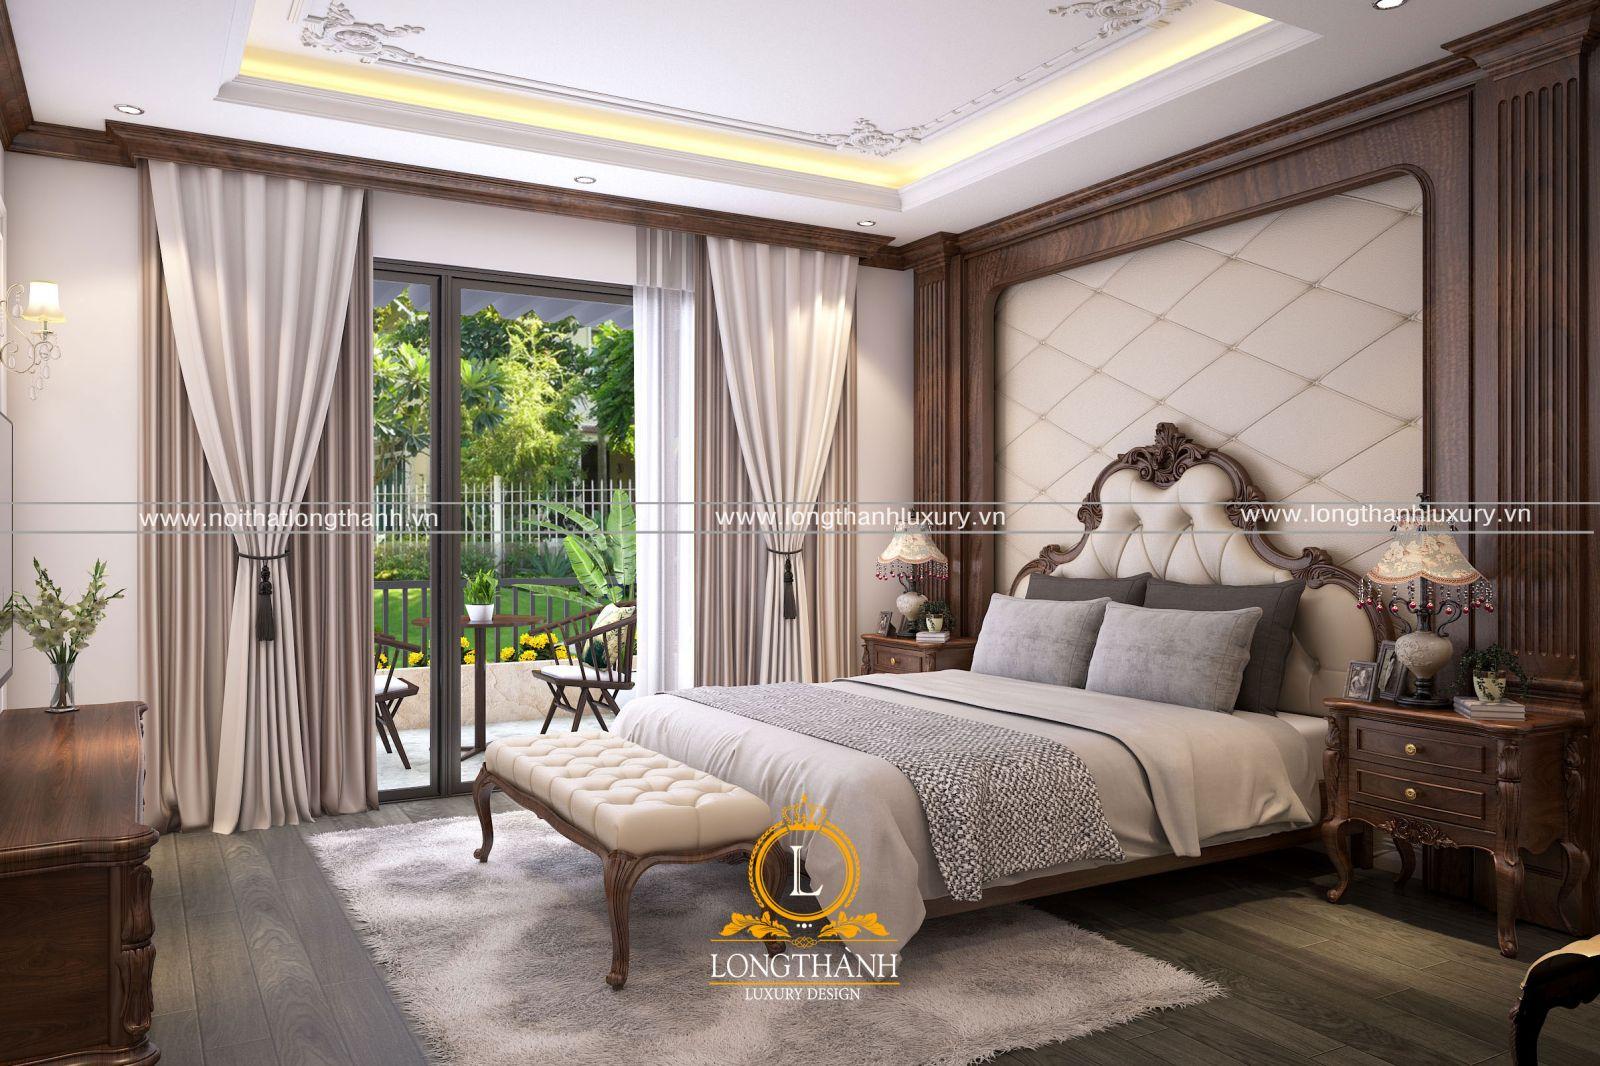 Mẫu nội thất phòng ngủ cao cấp dành cho không gian rộng